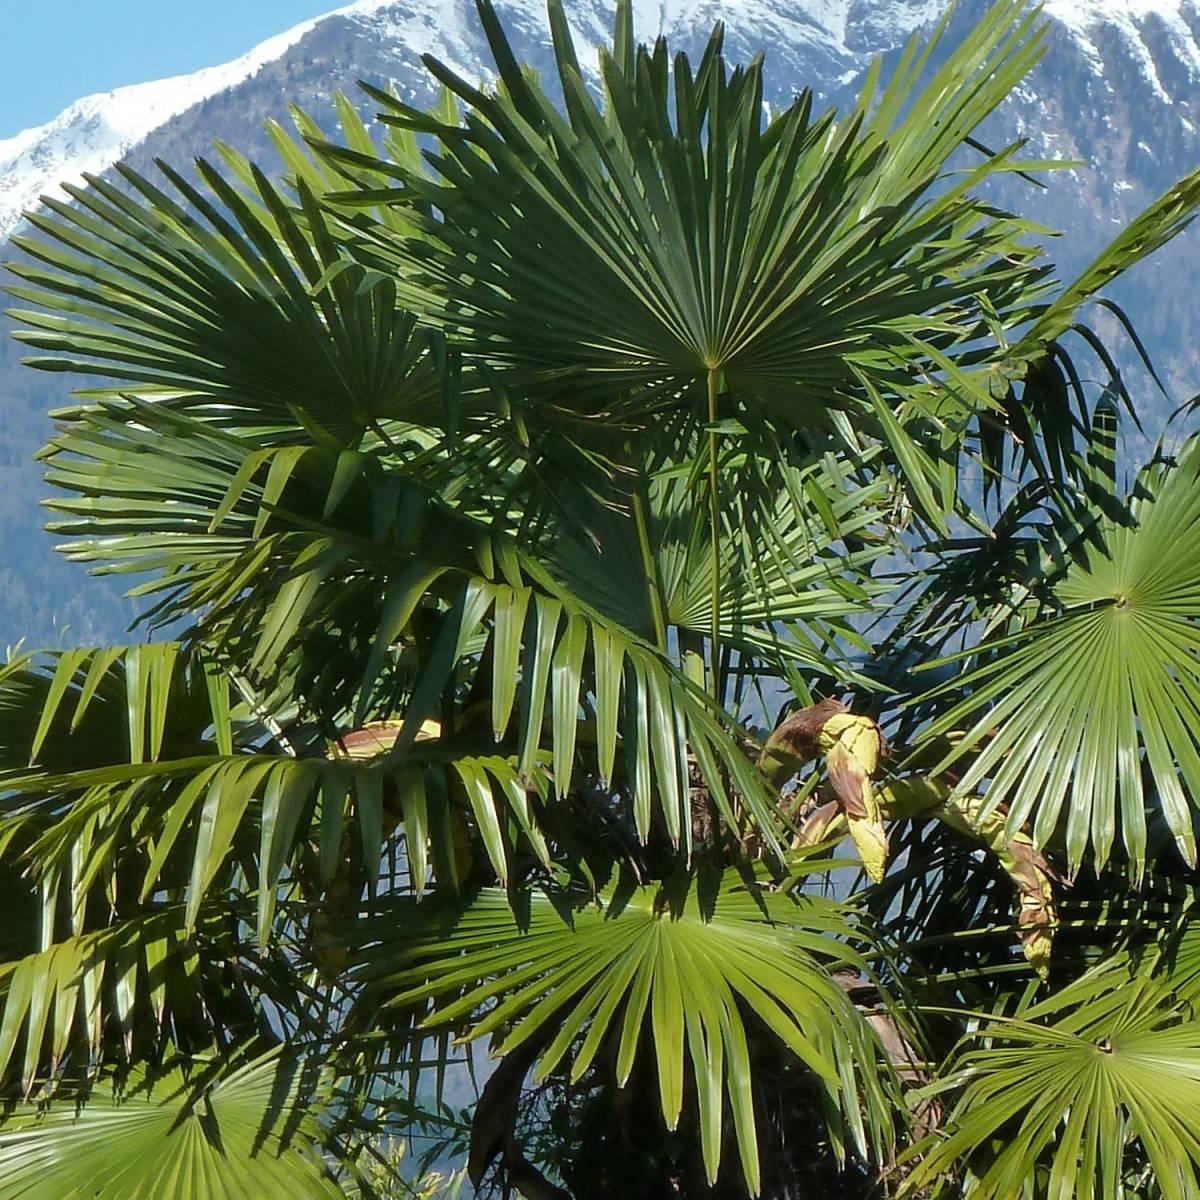 Palmier de chine fortunei - Image palmier ...